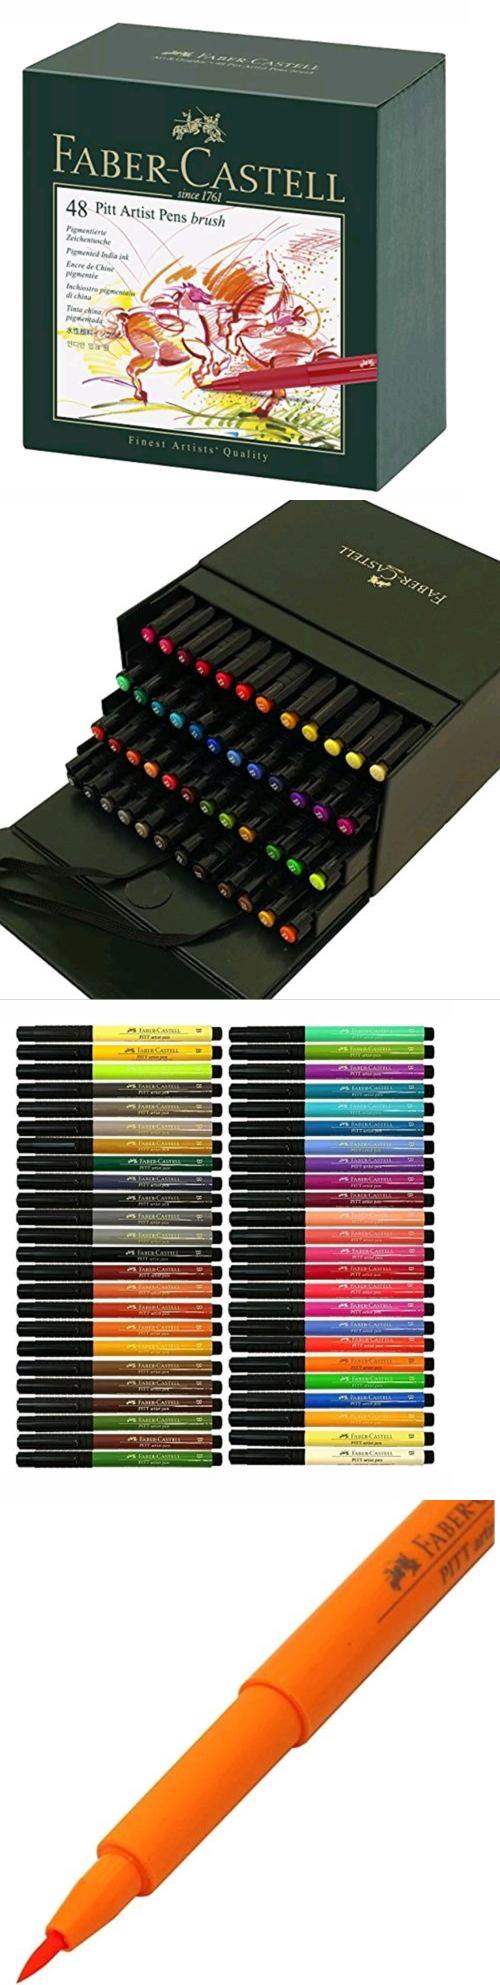 Multicolor Faber-Castel Pitt Artist Brush Pens 48 Pack